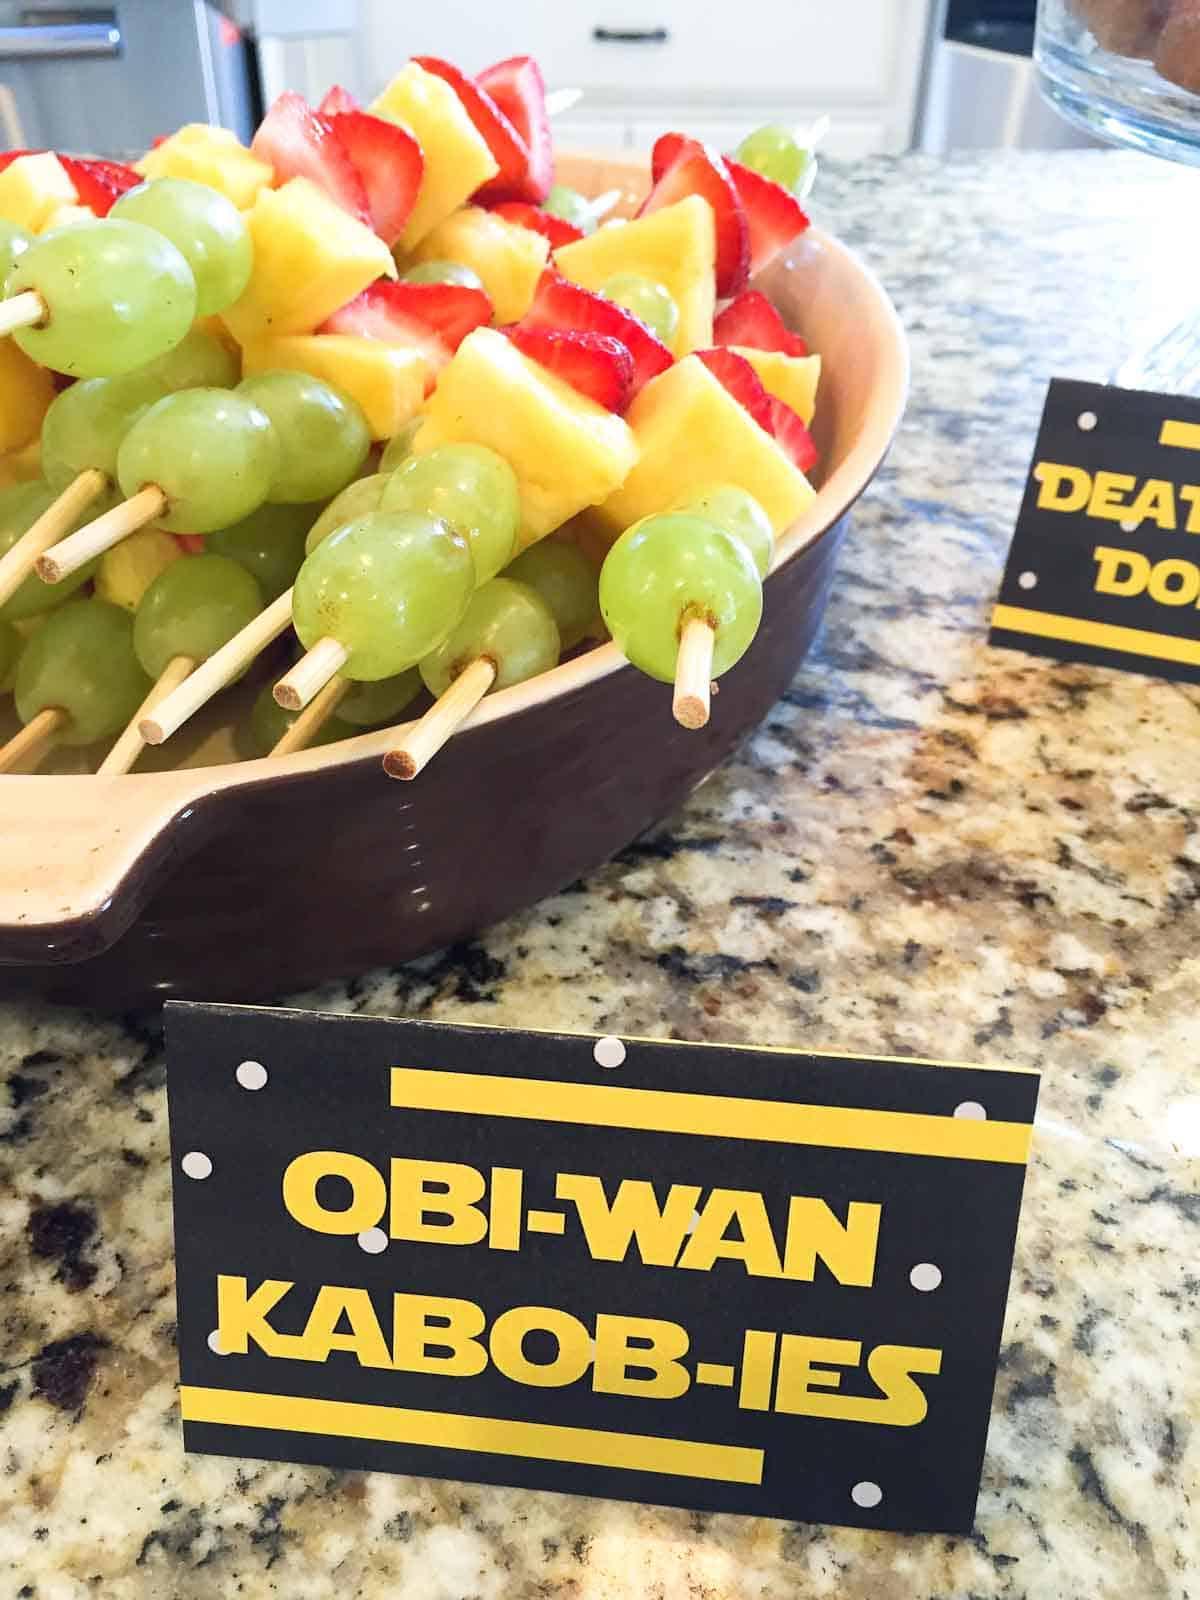 star wars recipe for obi wan kabob-ies